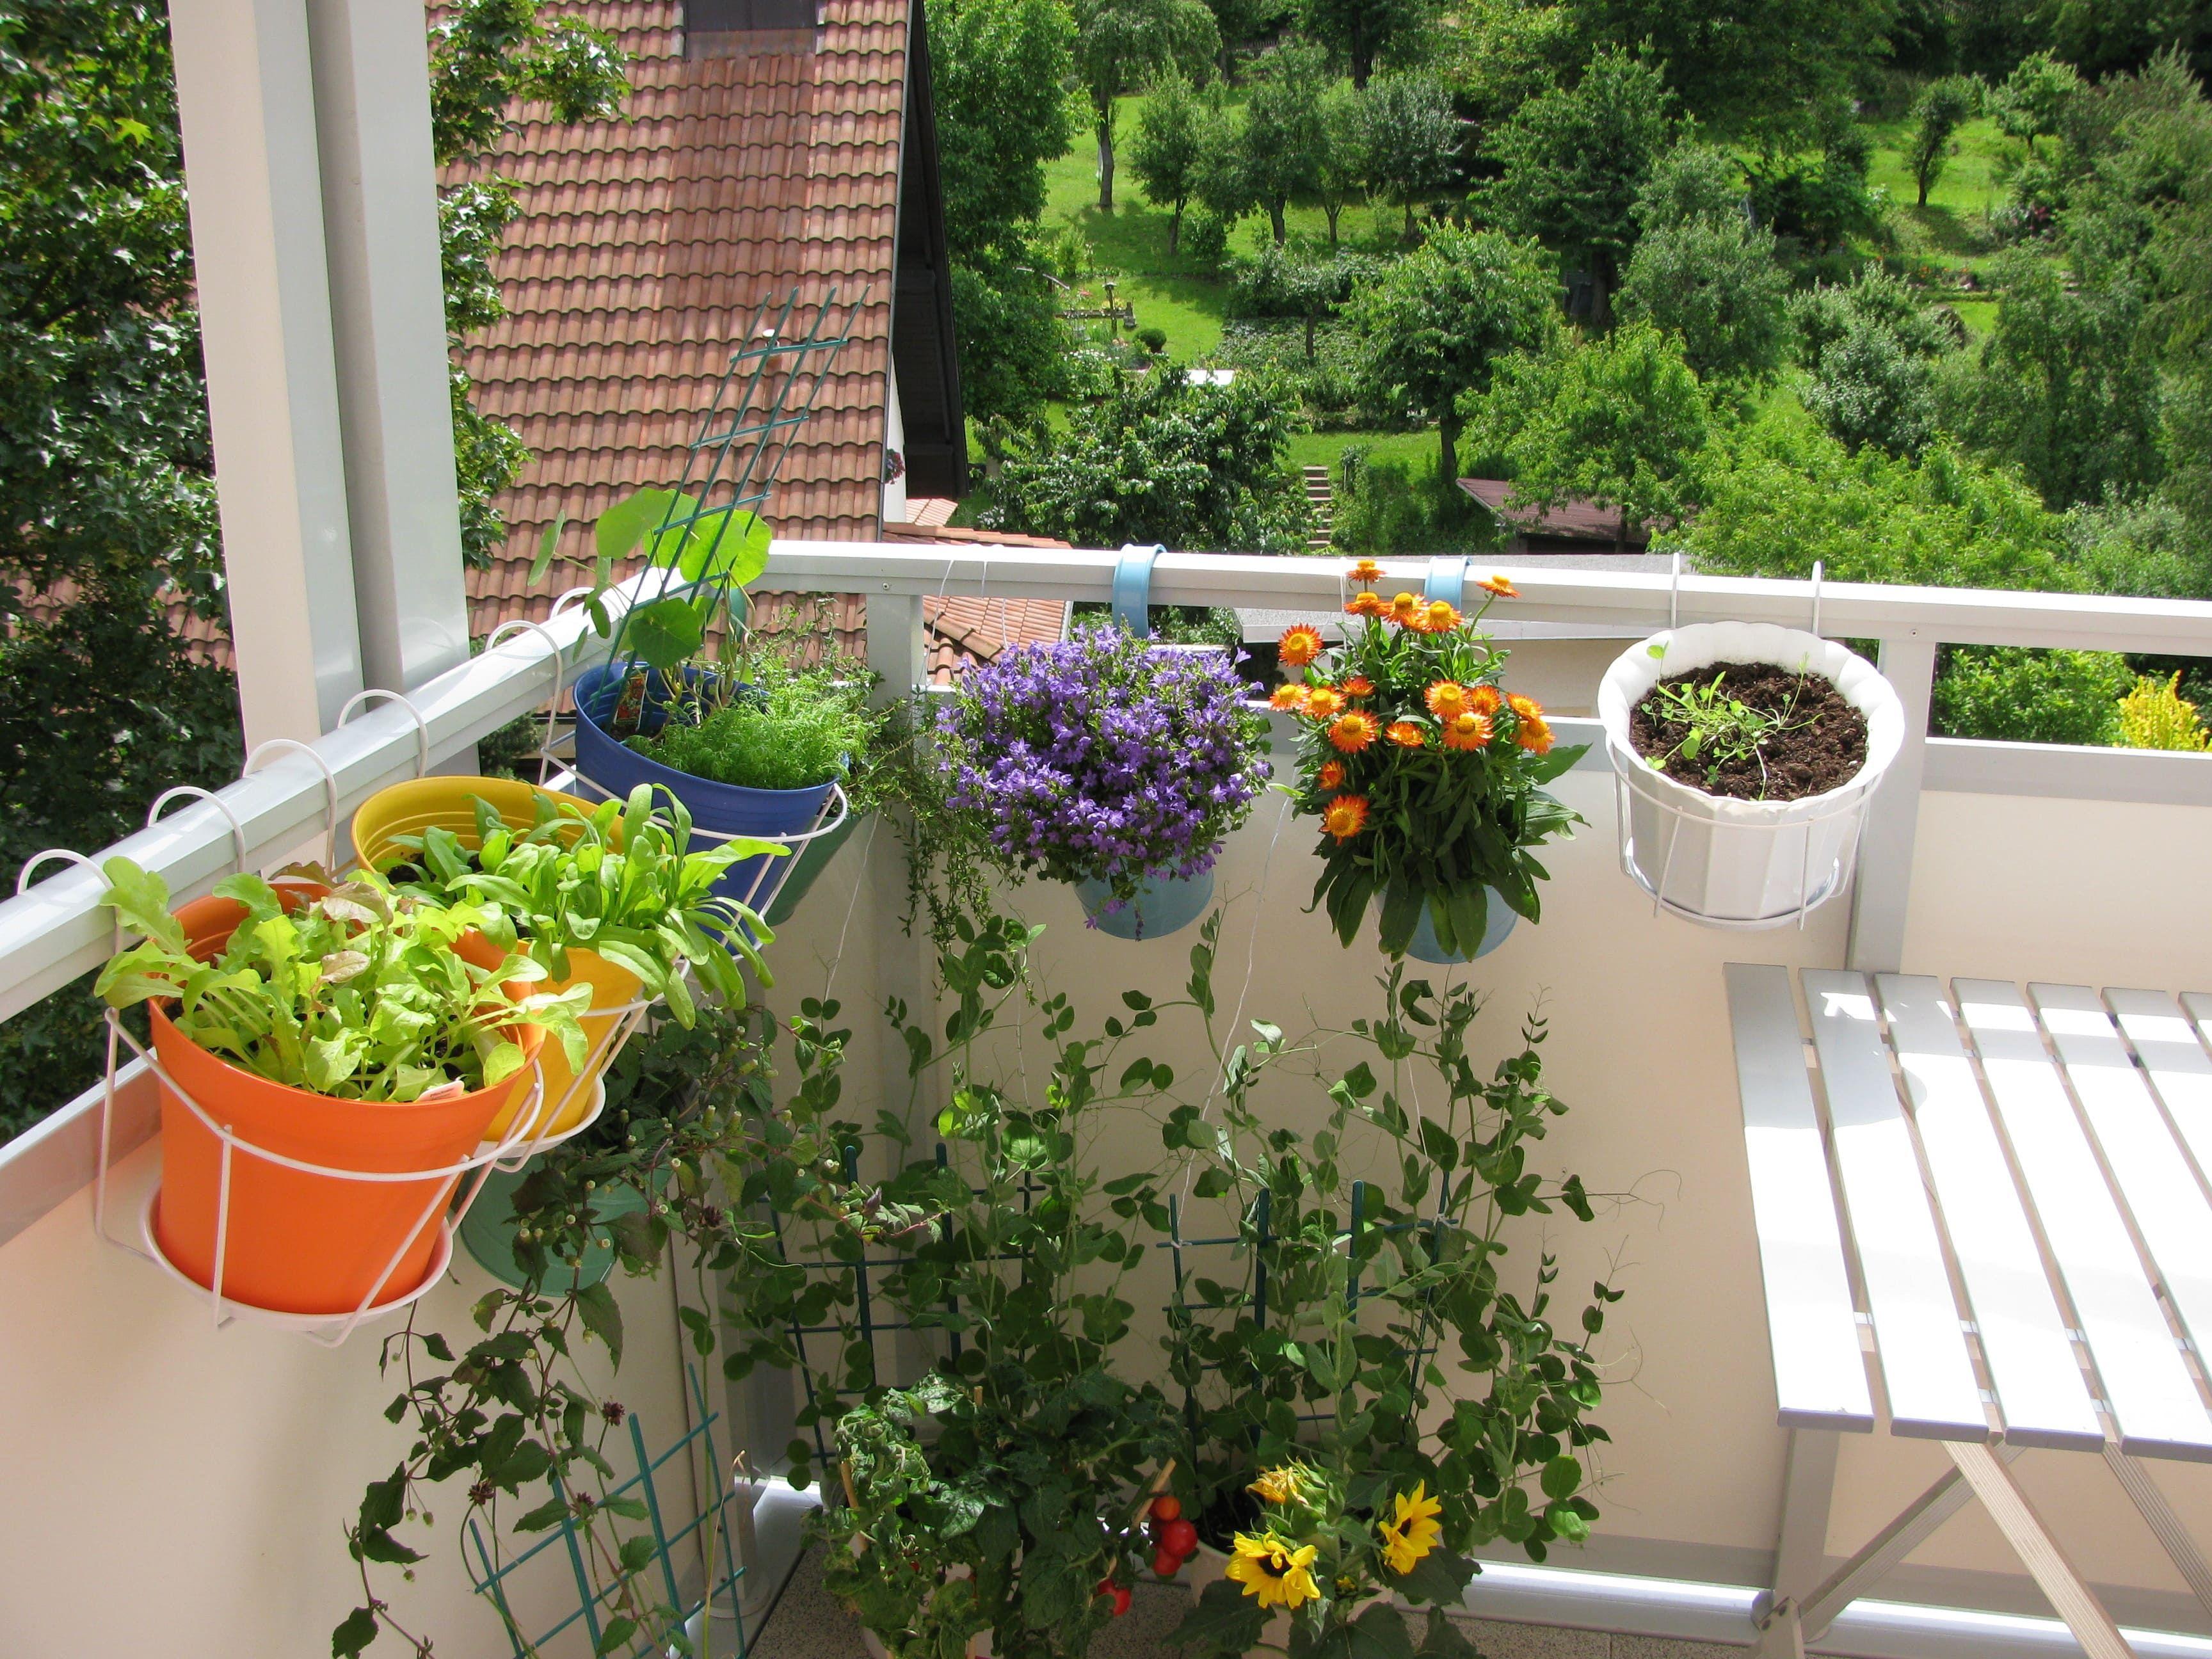 Jardiner en ville en toute simplicité